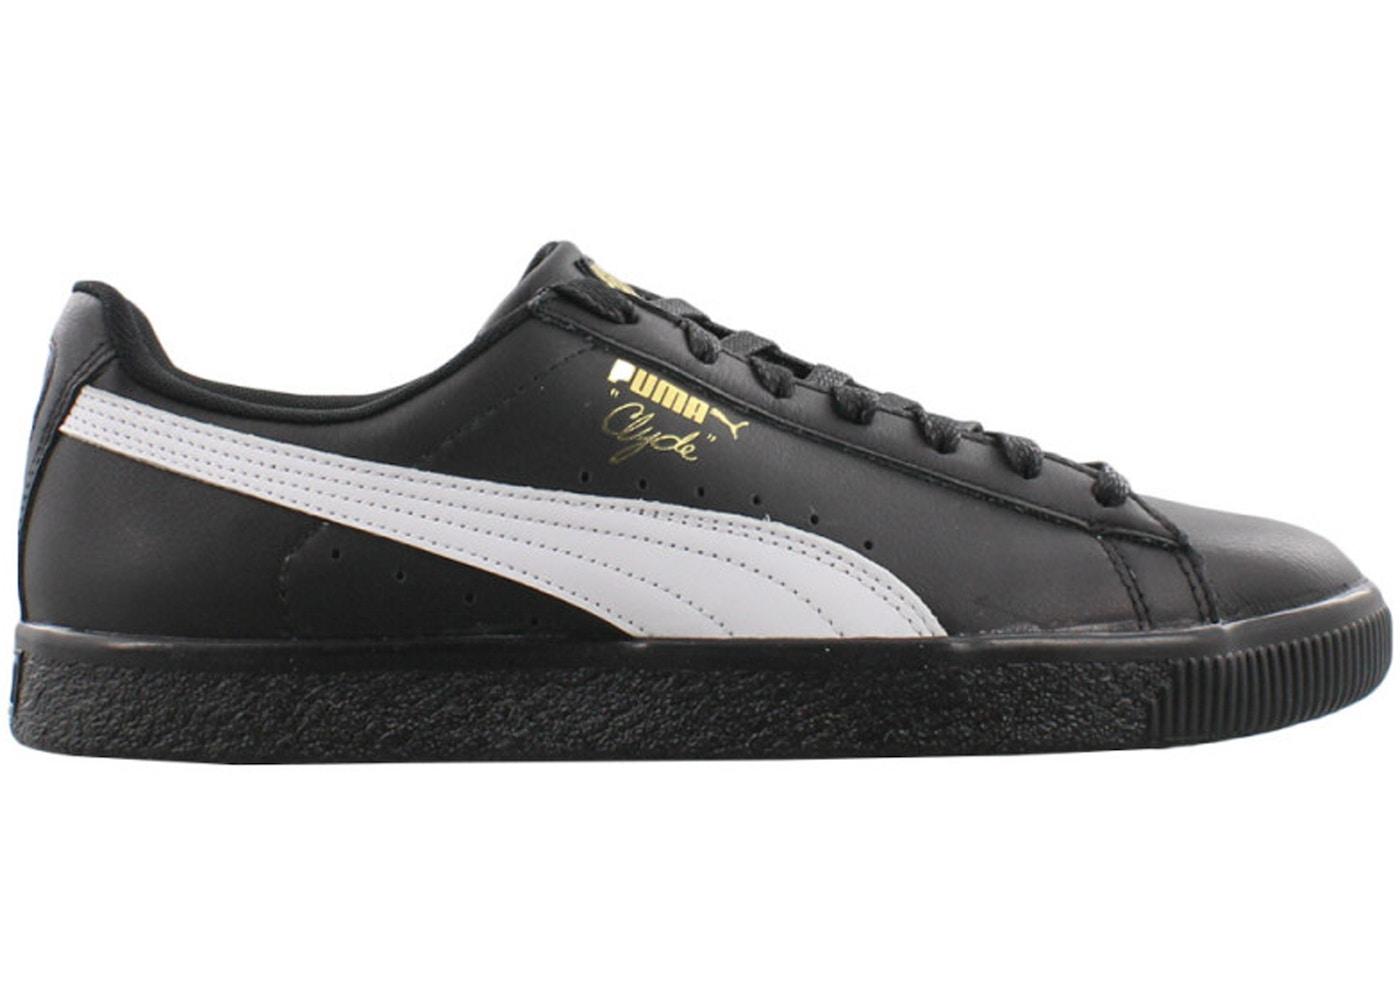 newest 426fe 2e99d Puma Clyde Core Foil Black White